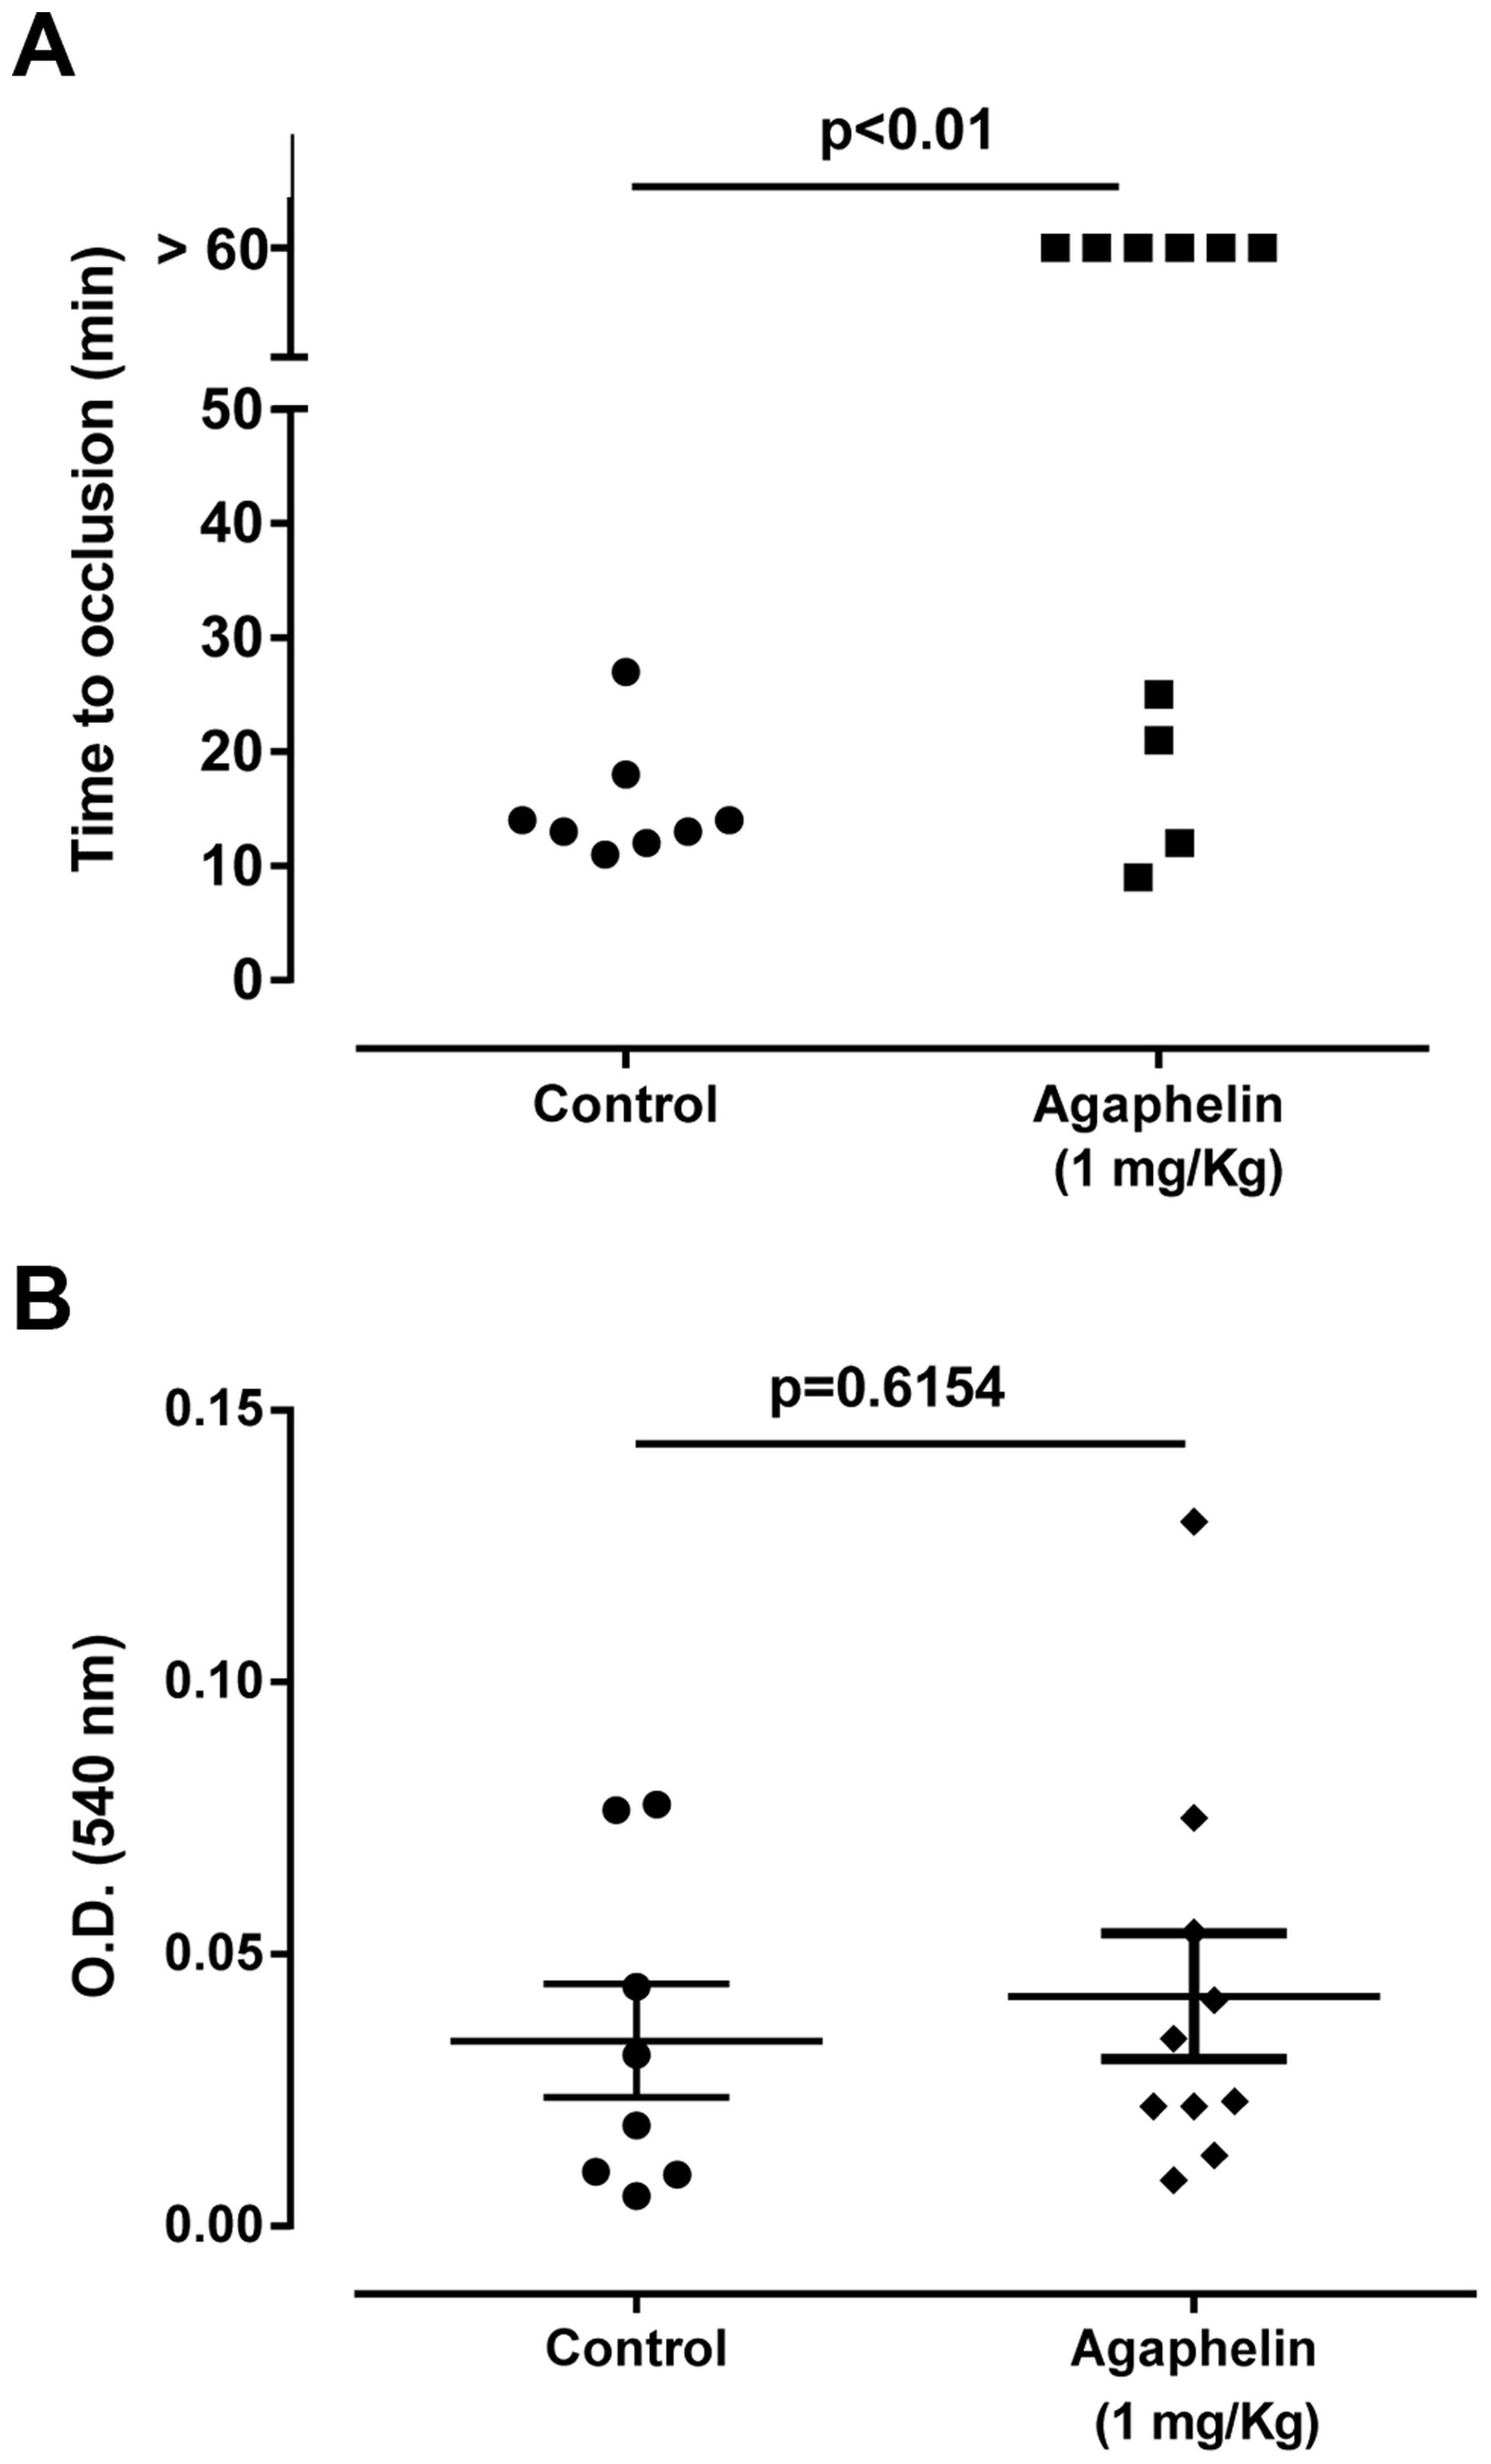 Agaphelin inhibits thrombosis <i>in vivo</i>, without impairing hemostasis.